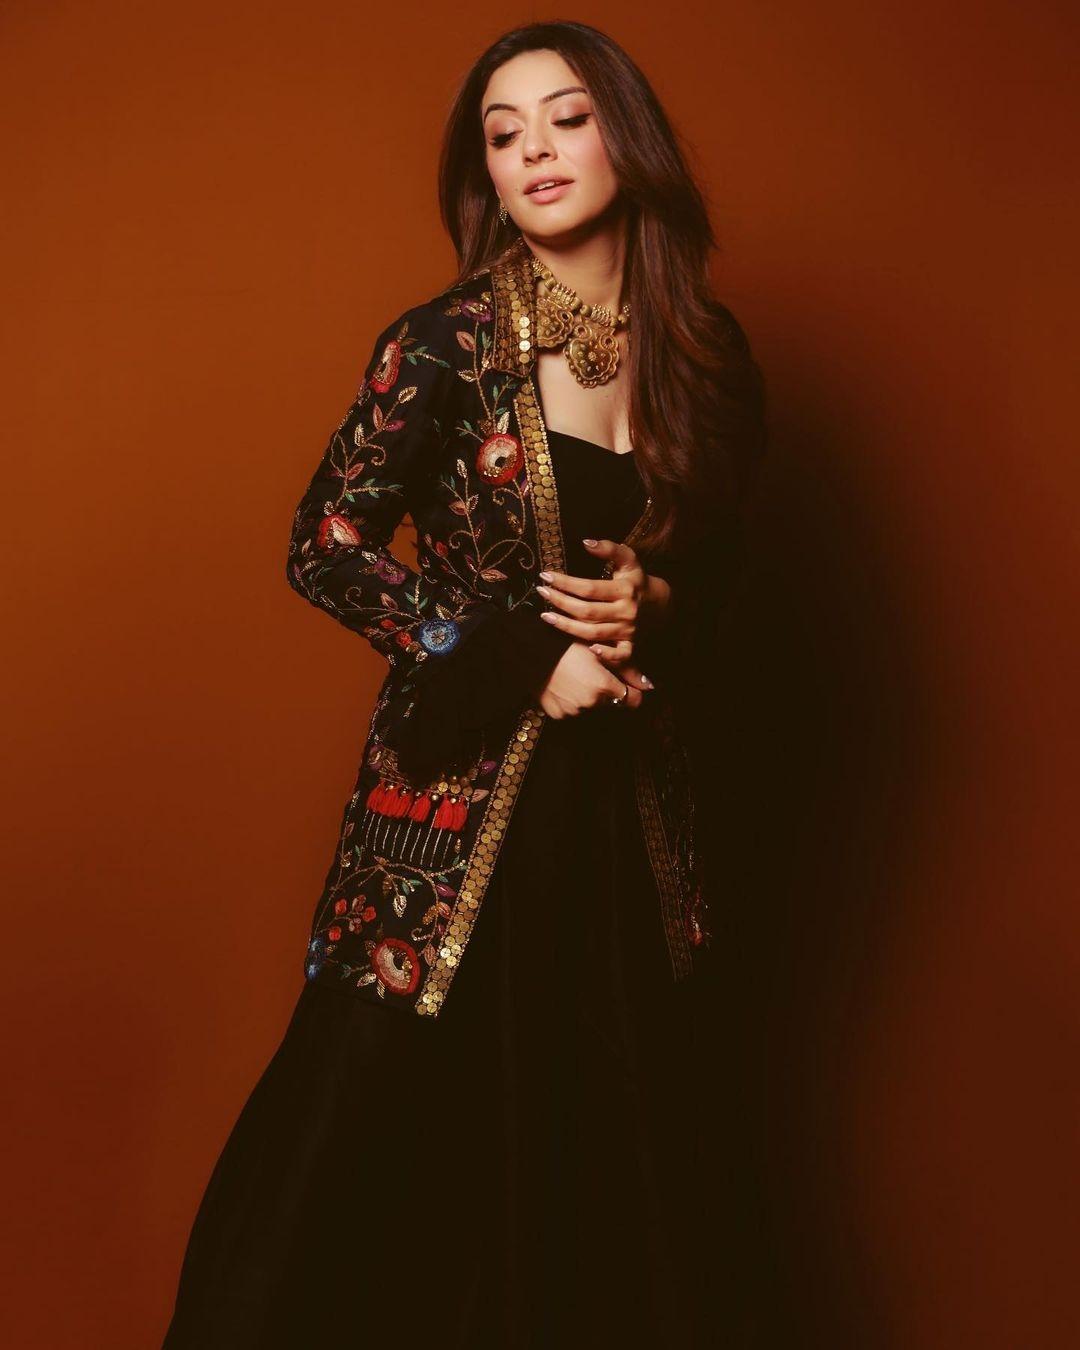 Hansika Motwani in black outfit from Samatvam by Anjali Bhaskar-1